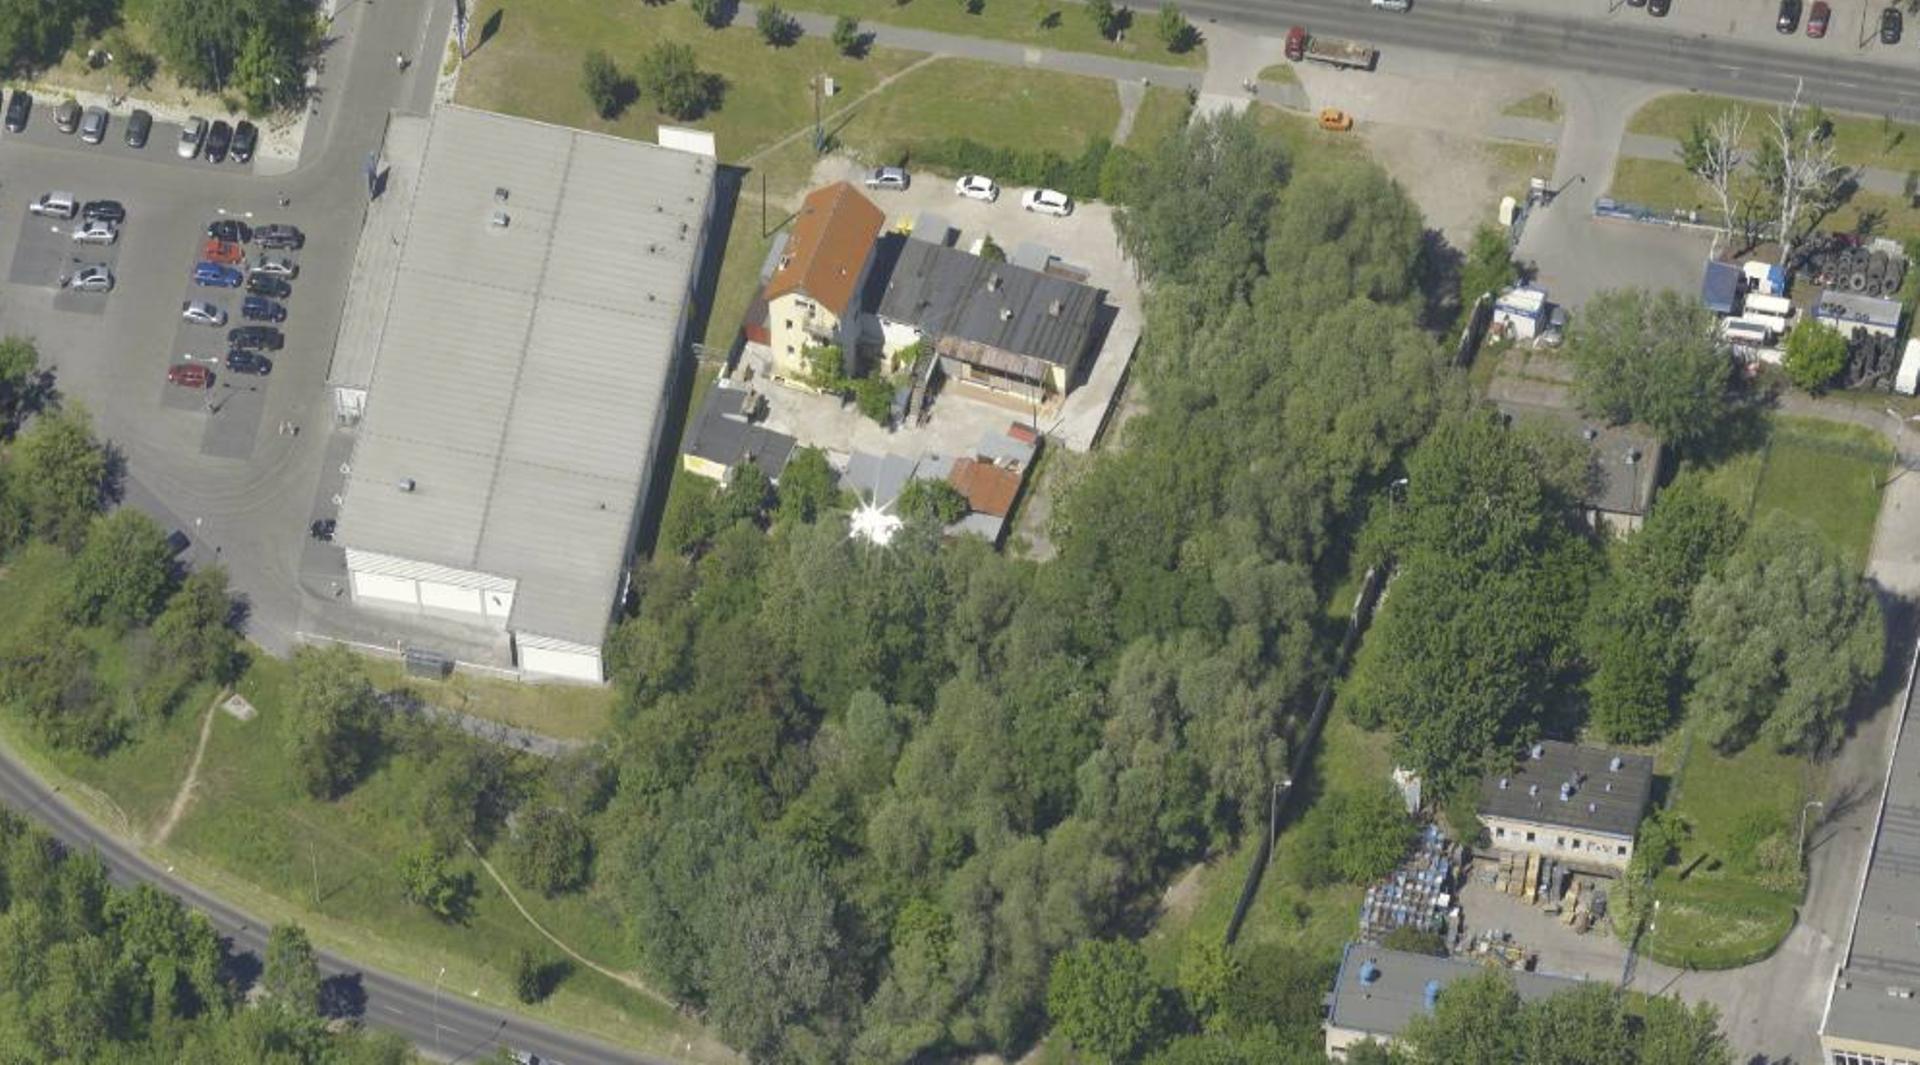 Wrocław: Obok Lidla na Gądowie Małym stanie nowy biurowiec. Dach Bud sprzedaje nieruchomość